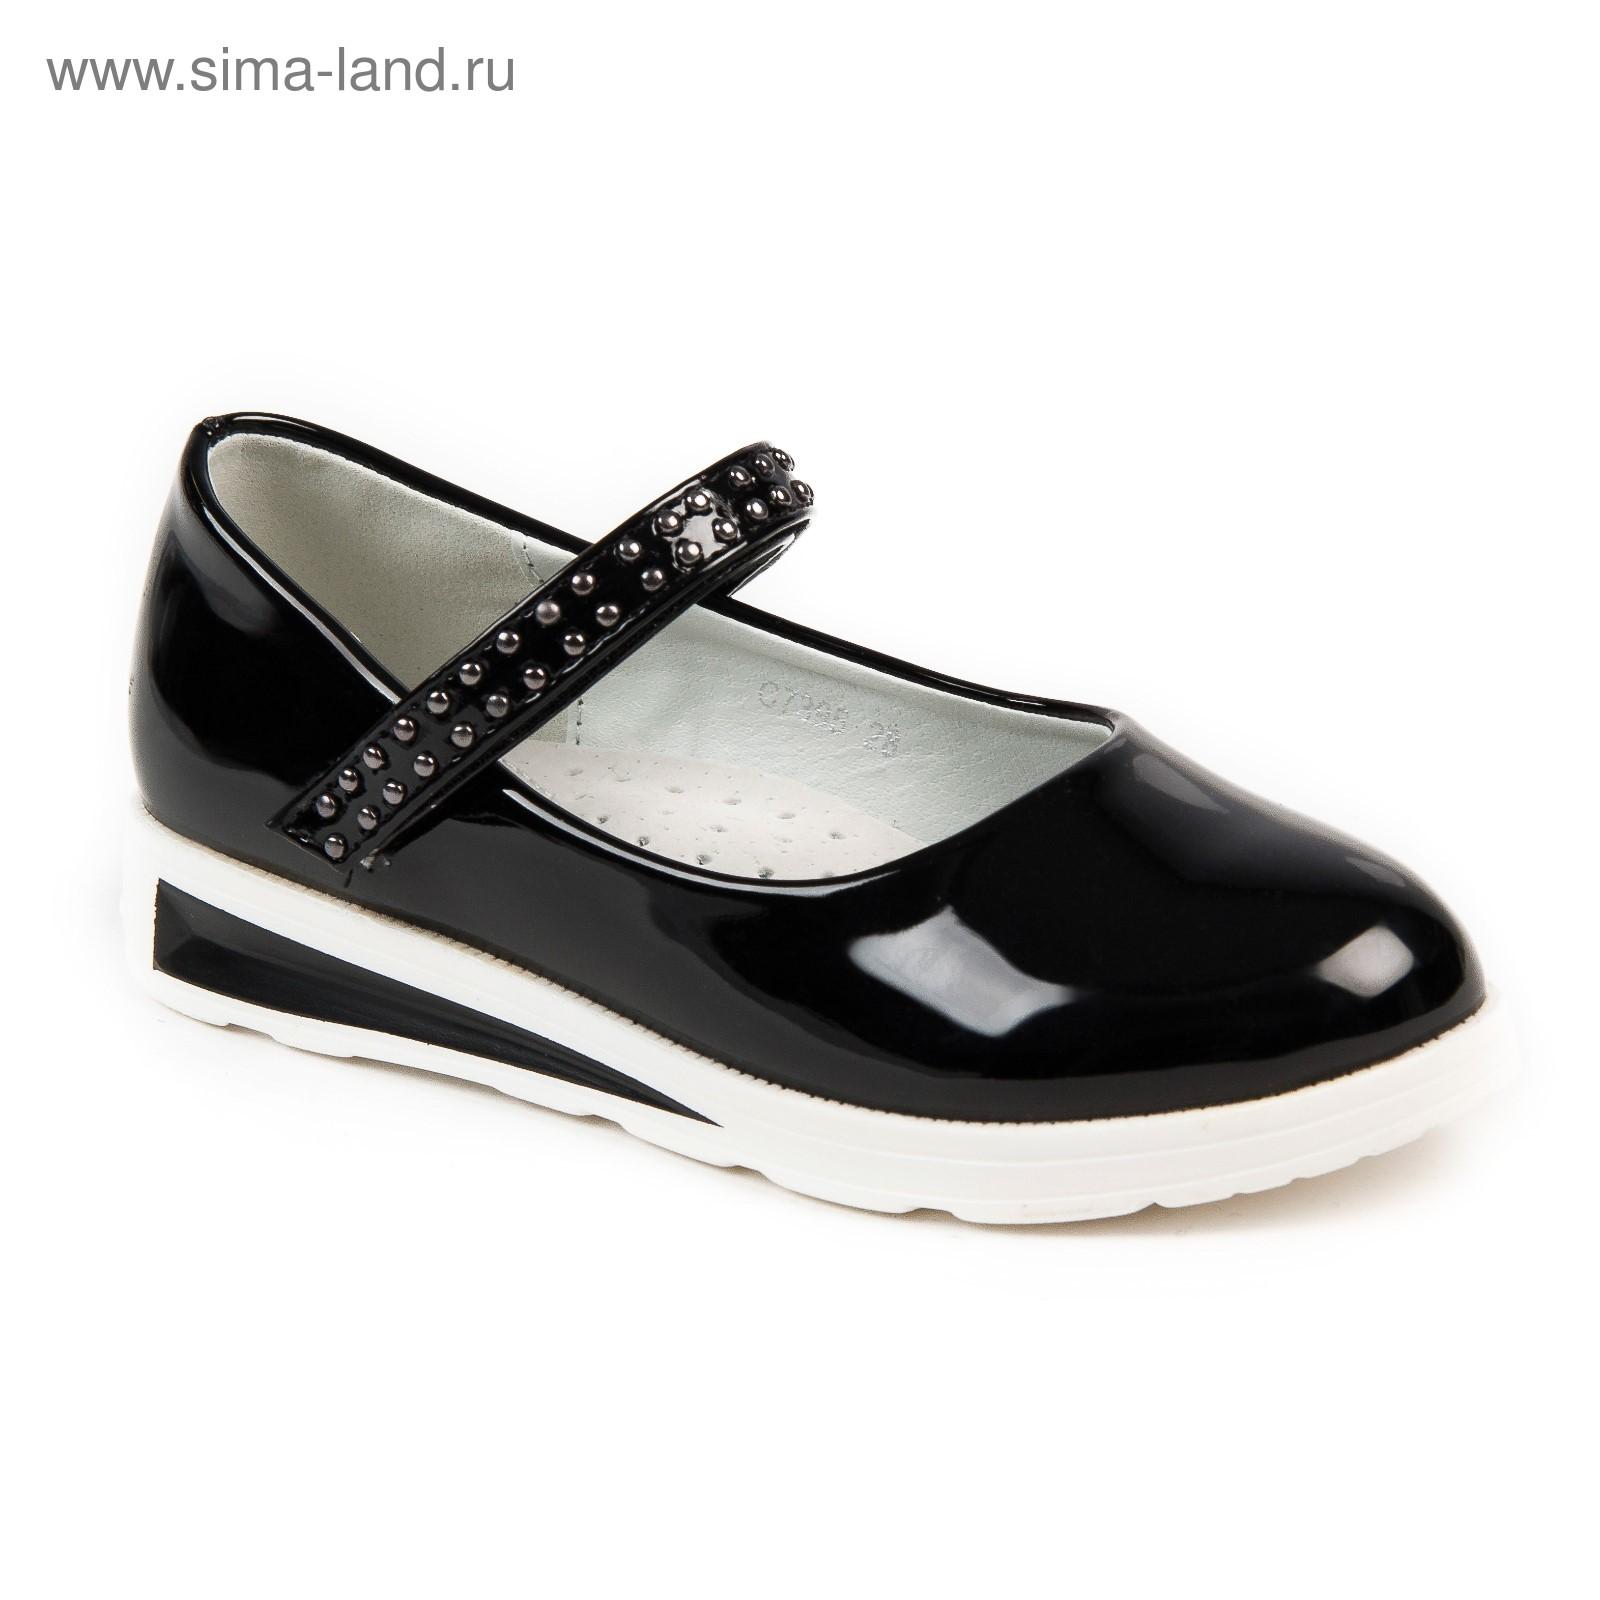 aa89a4636 Туфли для девочек арт. С7395 (чёрный) (р. 29) (3278830) - Купить по ...